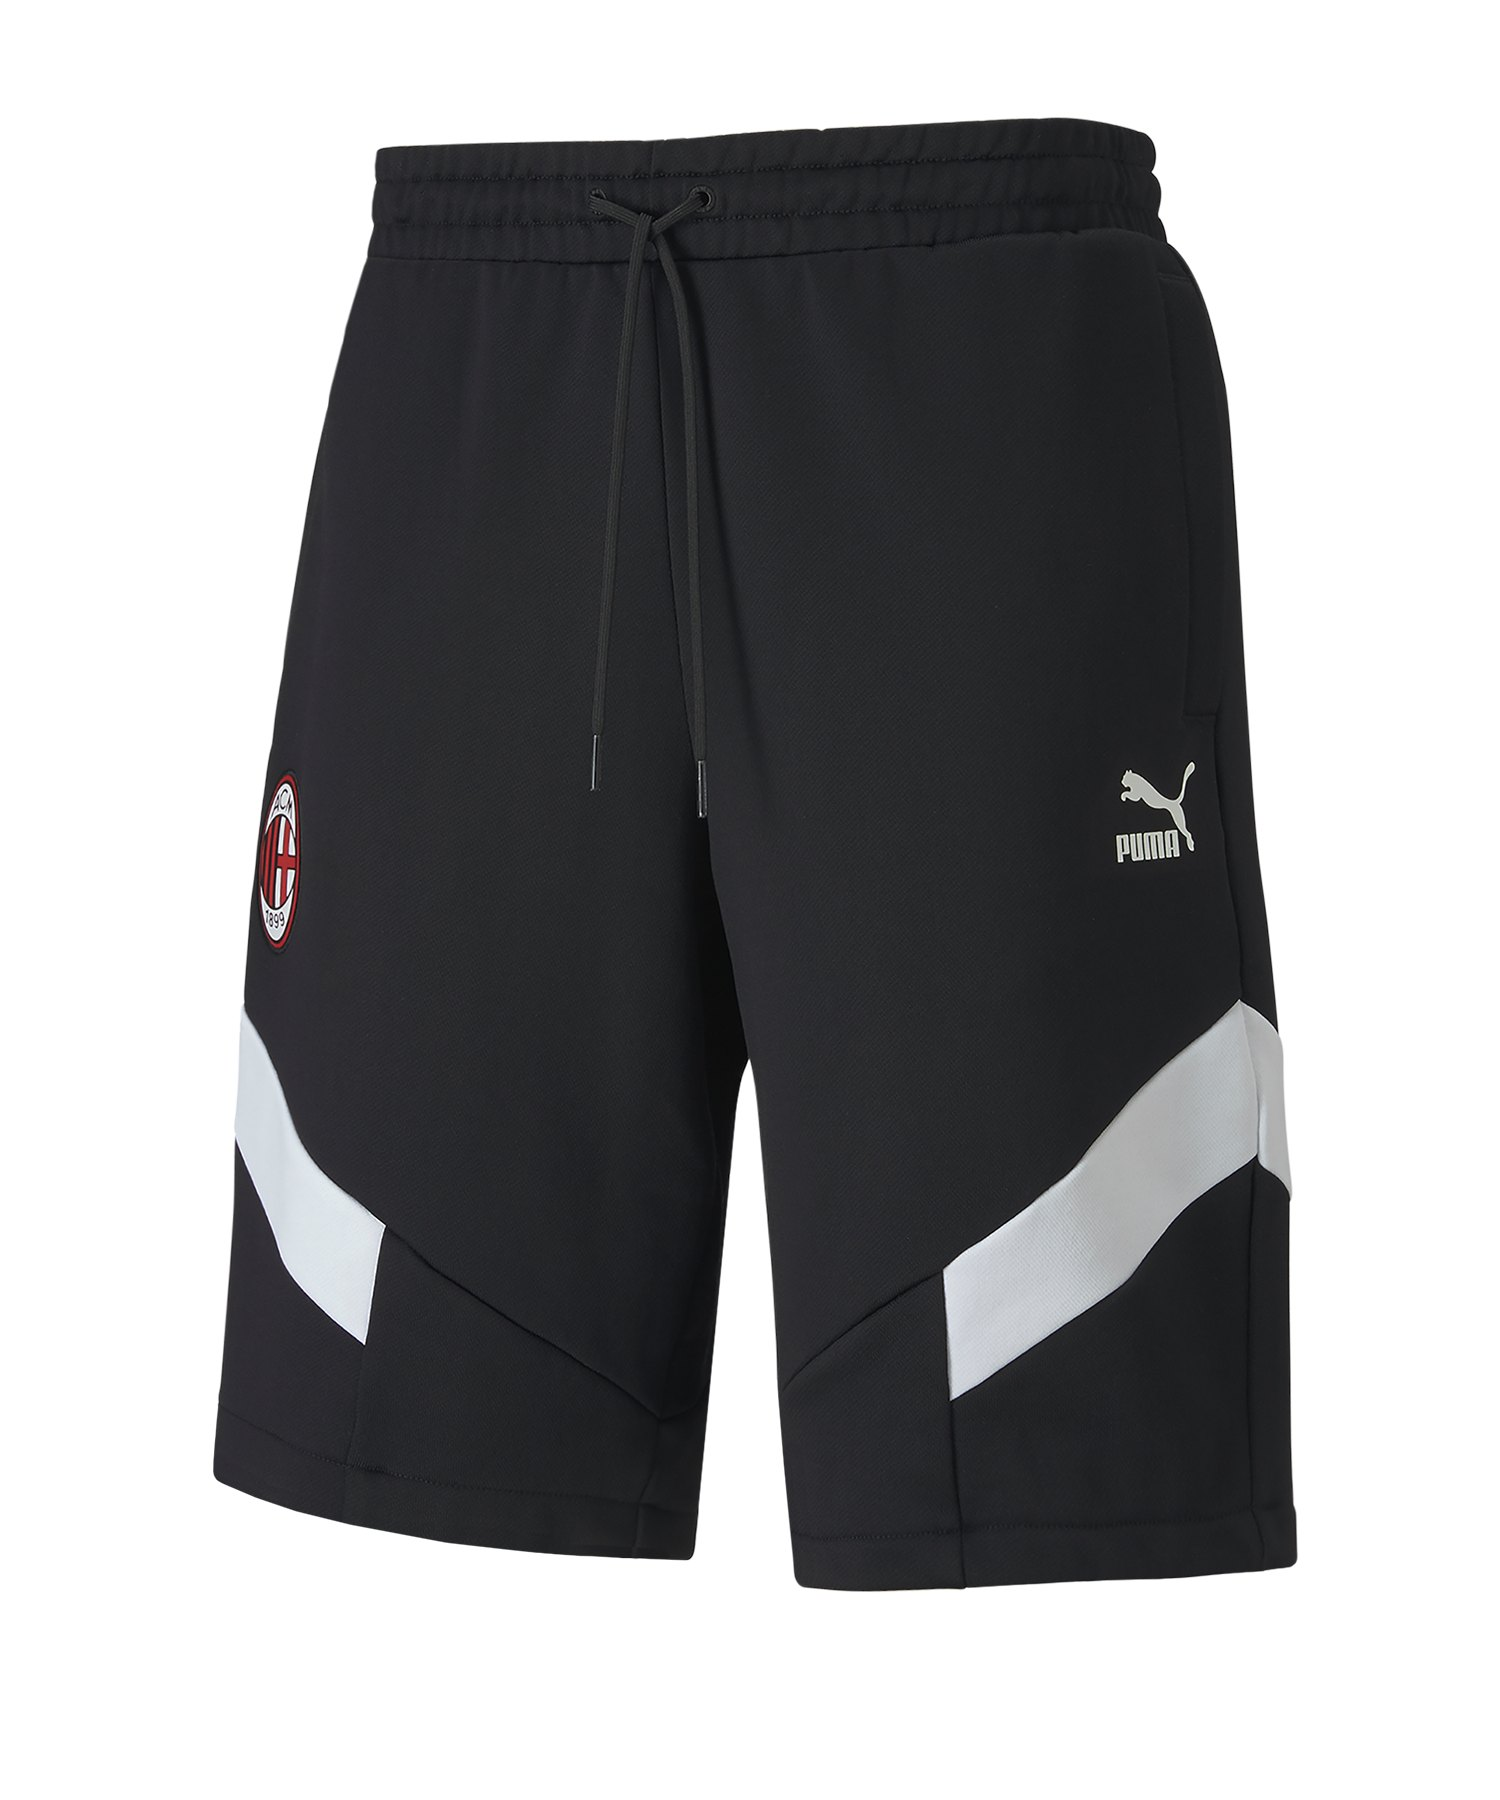 PUMA AC Mailand Iconic MCS Short Schwarz F01 - schwarz